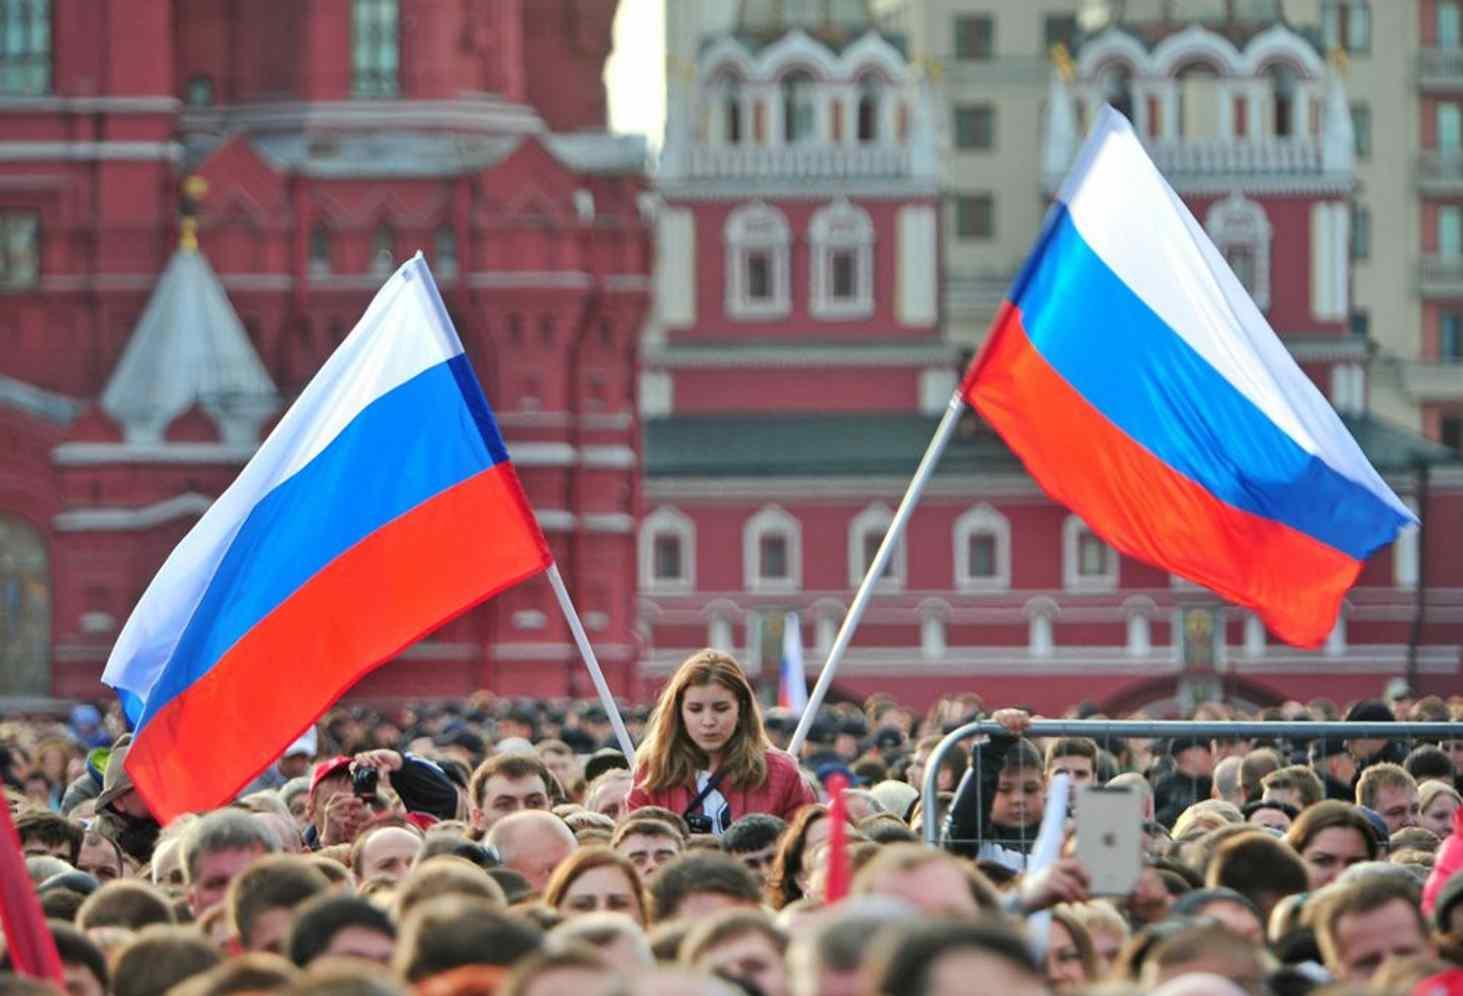 opros-patriotami-sebya-schitayut-92-rossiyan